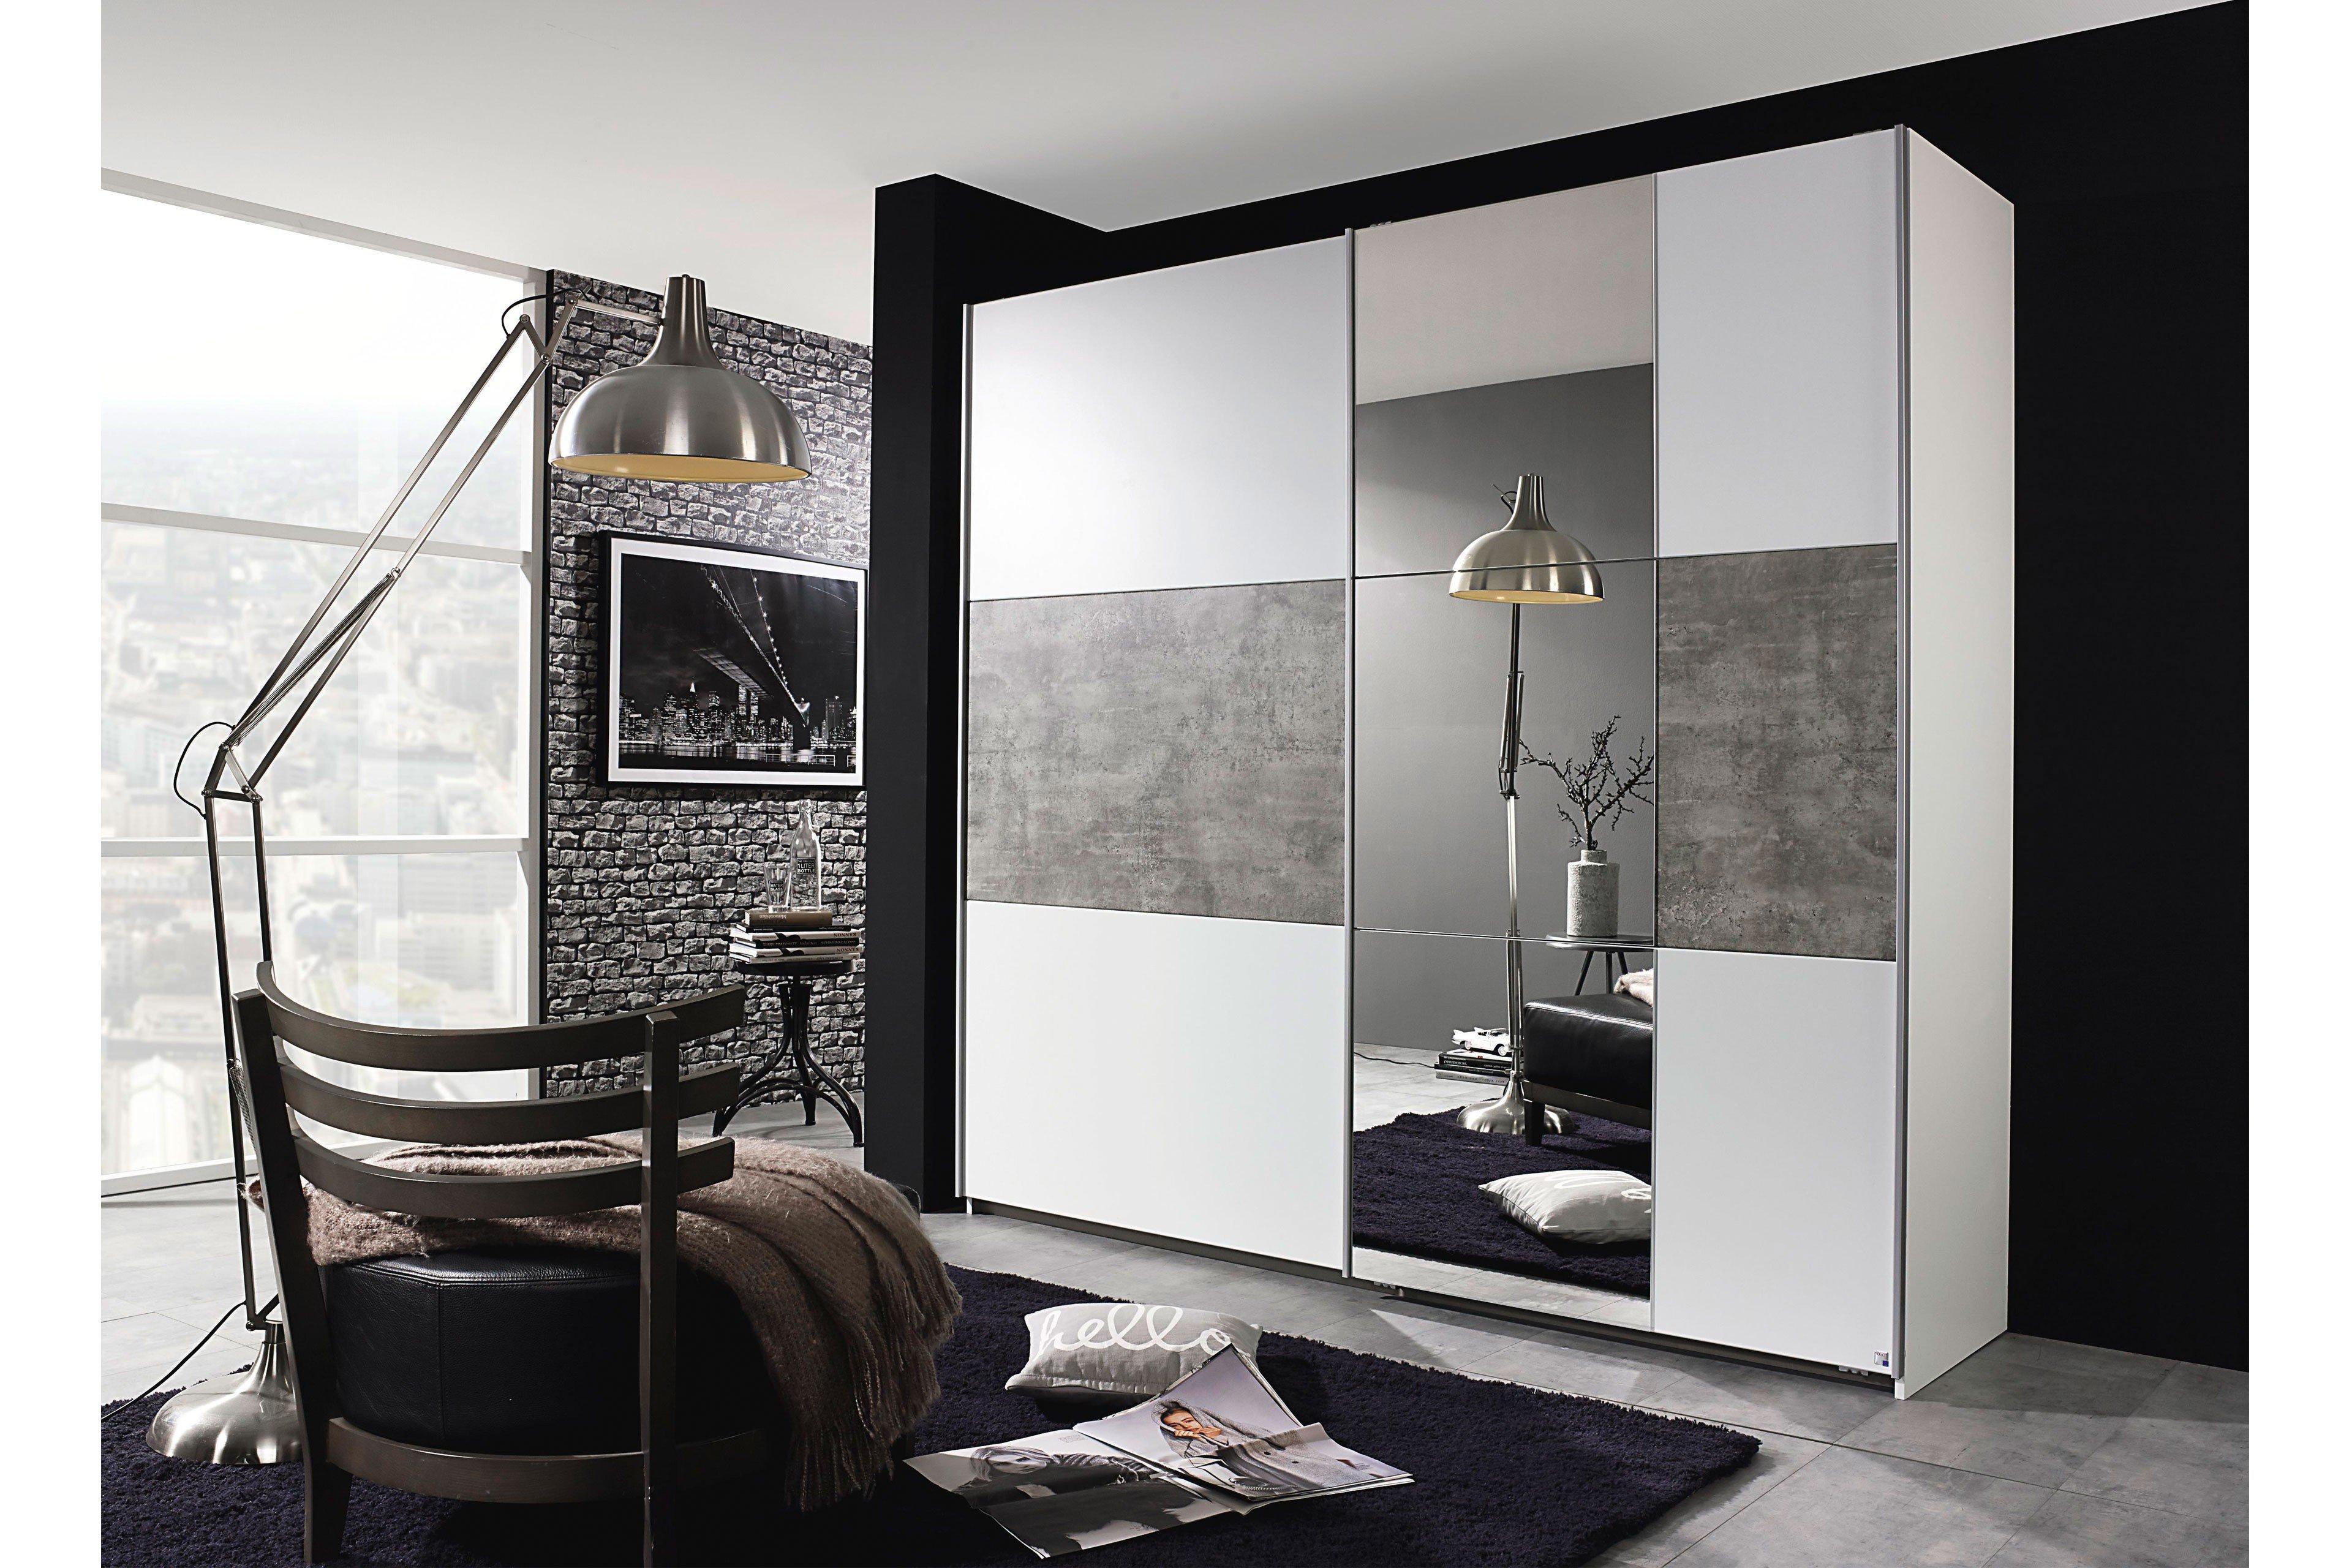 rauch prenzlau kleiderschrank wei stone grey m bel. Black Bedroom Furniture Sets. Home Design Ideas